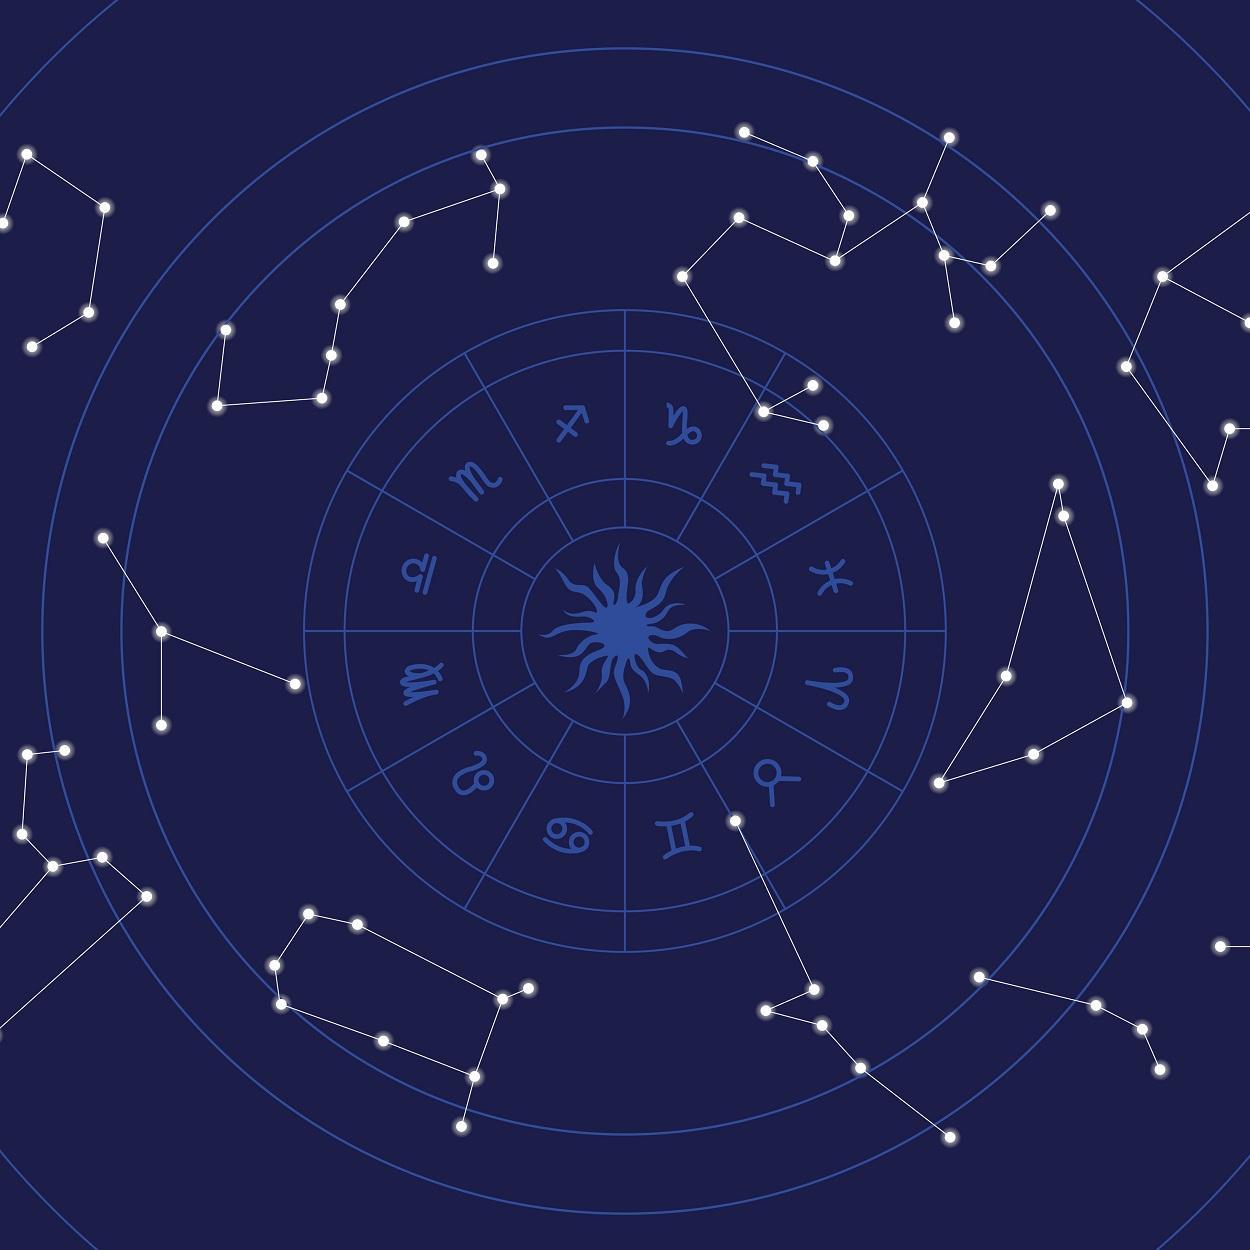 Melhores sites para mapa astral gratuito